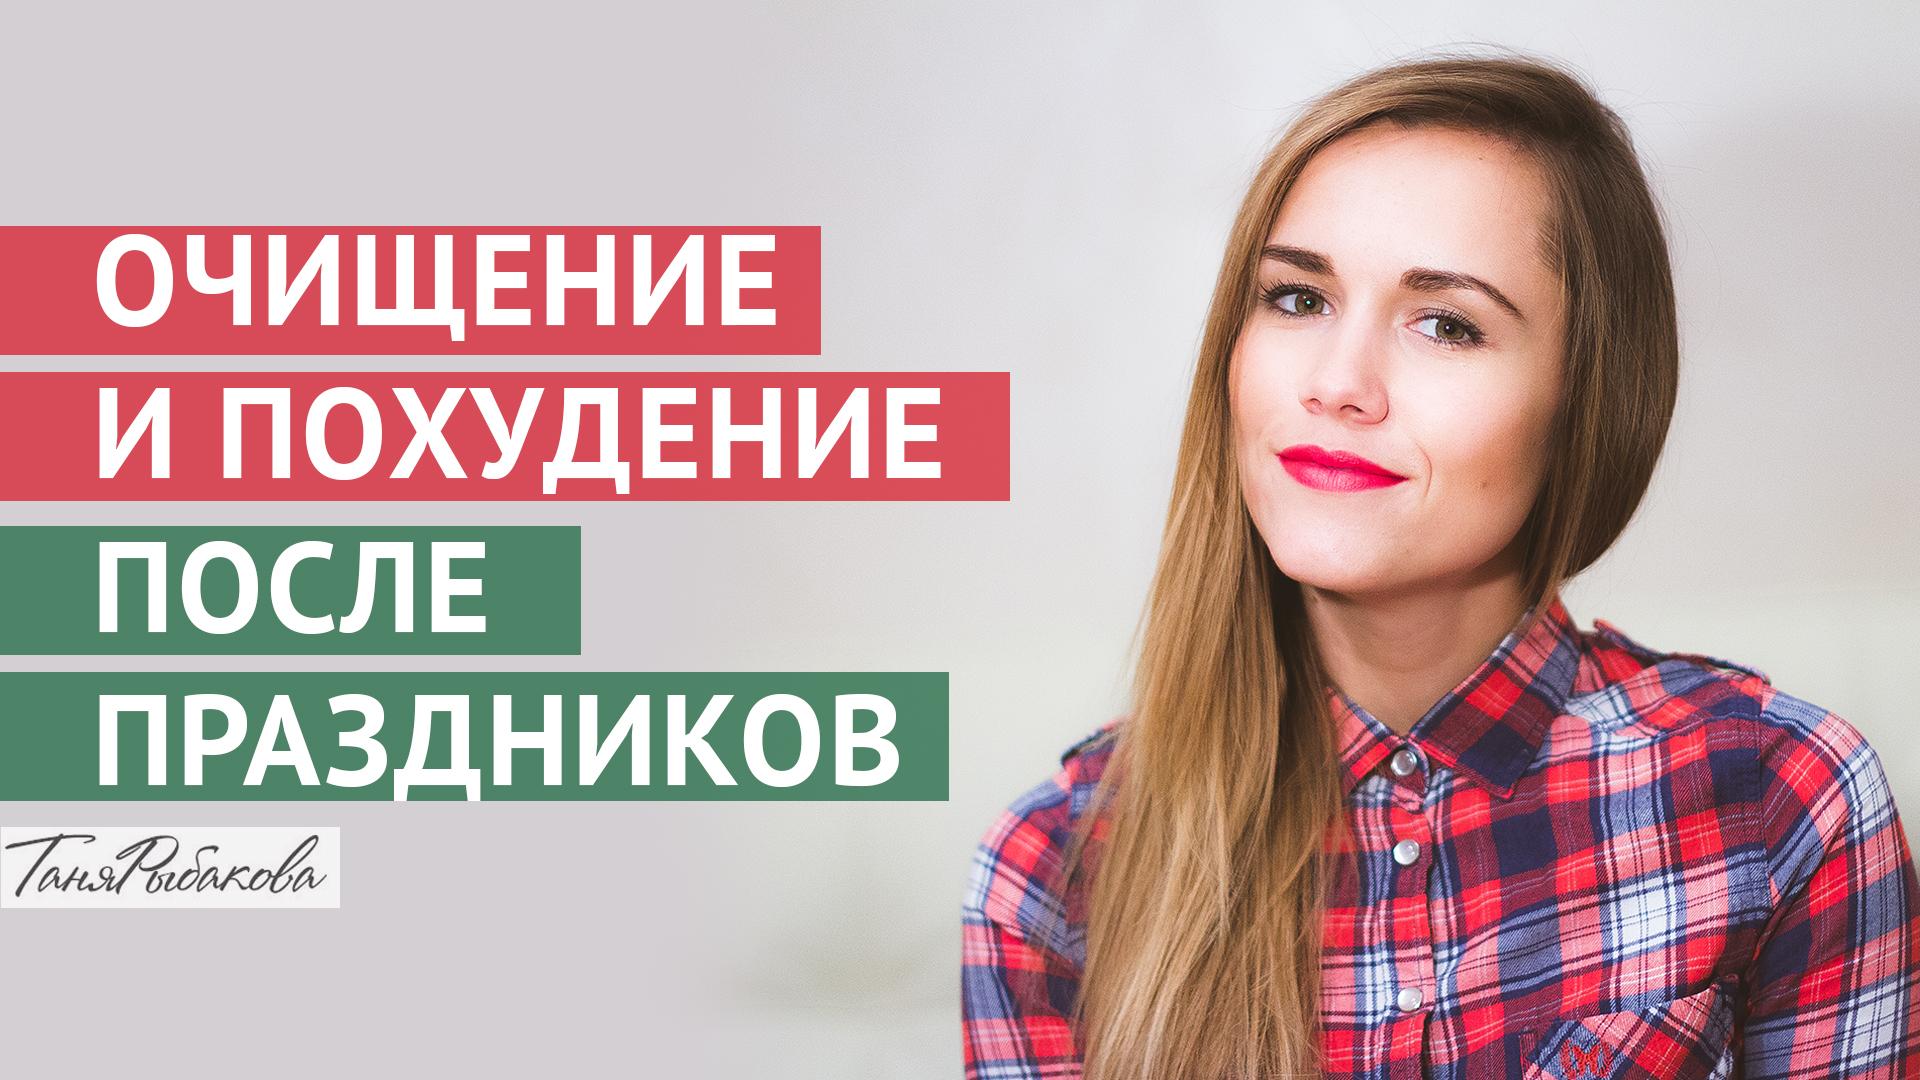 oblojka_posle prazdnikov